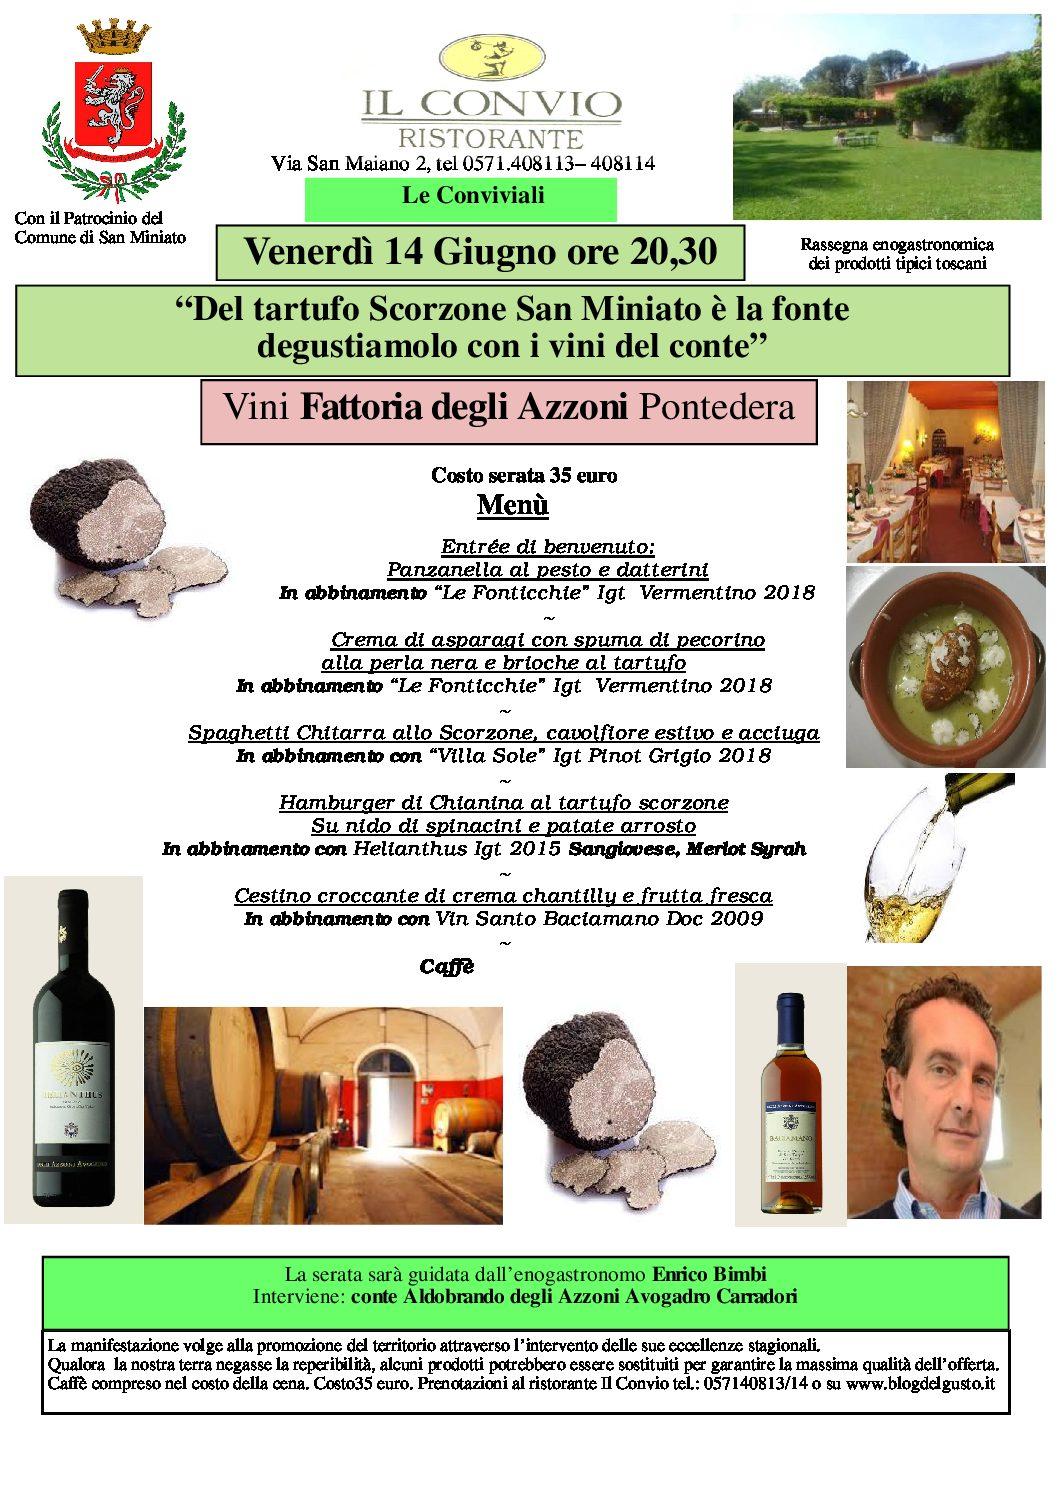 Il tartufo Scorzone dà spettacolo al Convio di San Miniato con i vini degli Azzoni